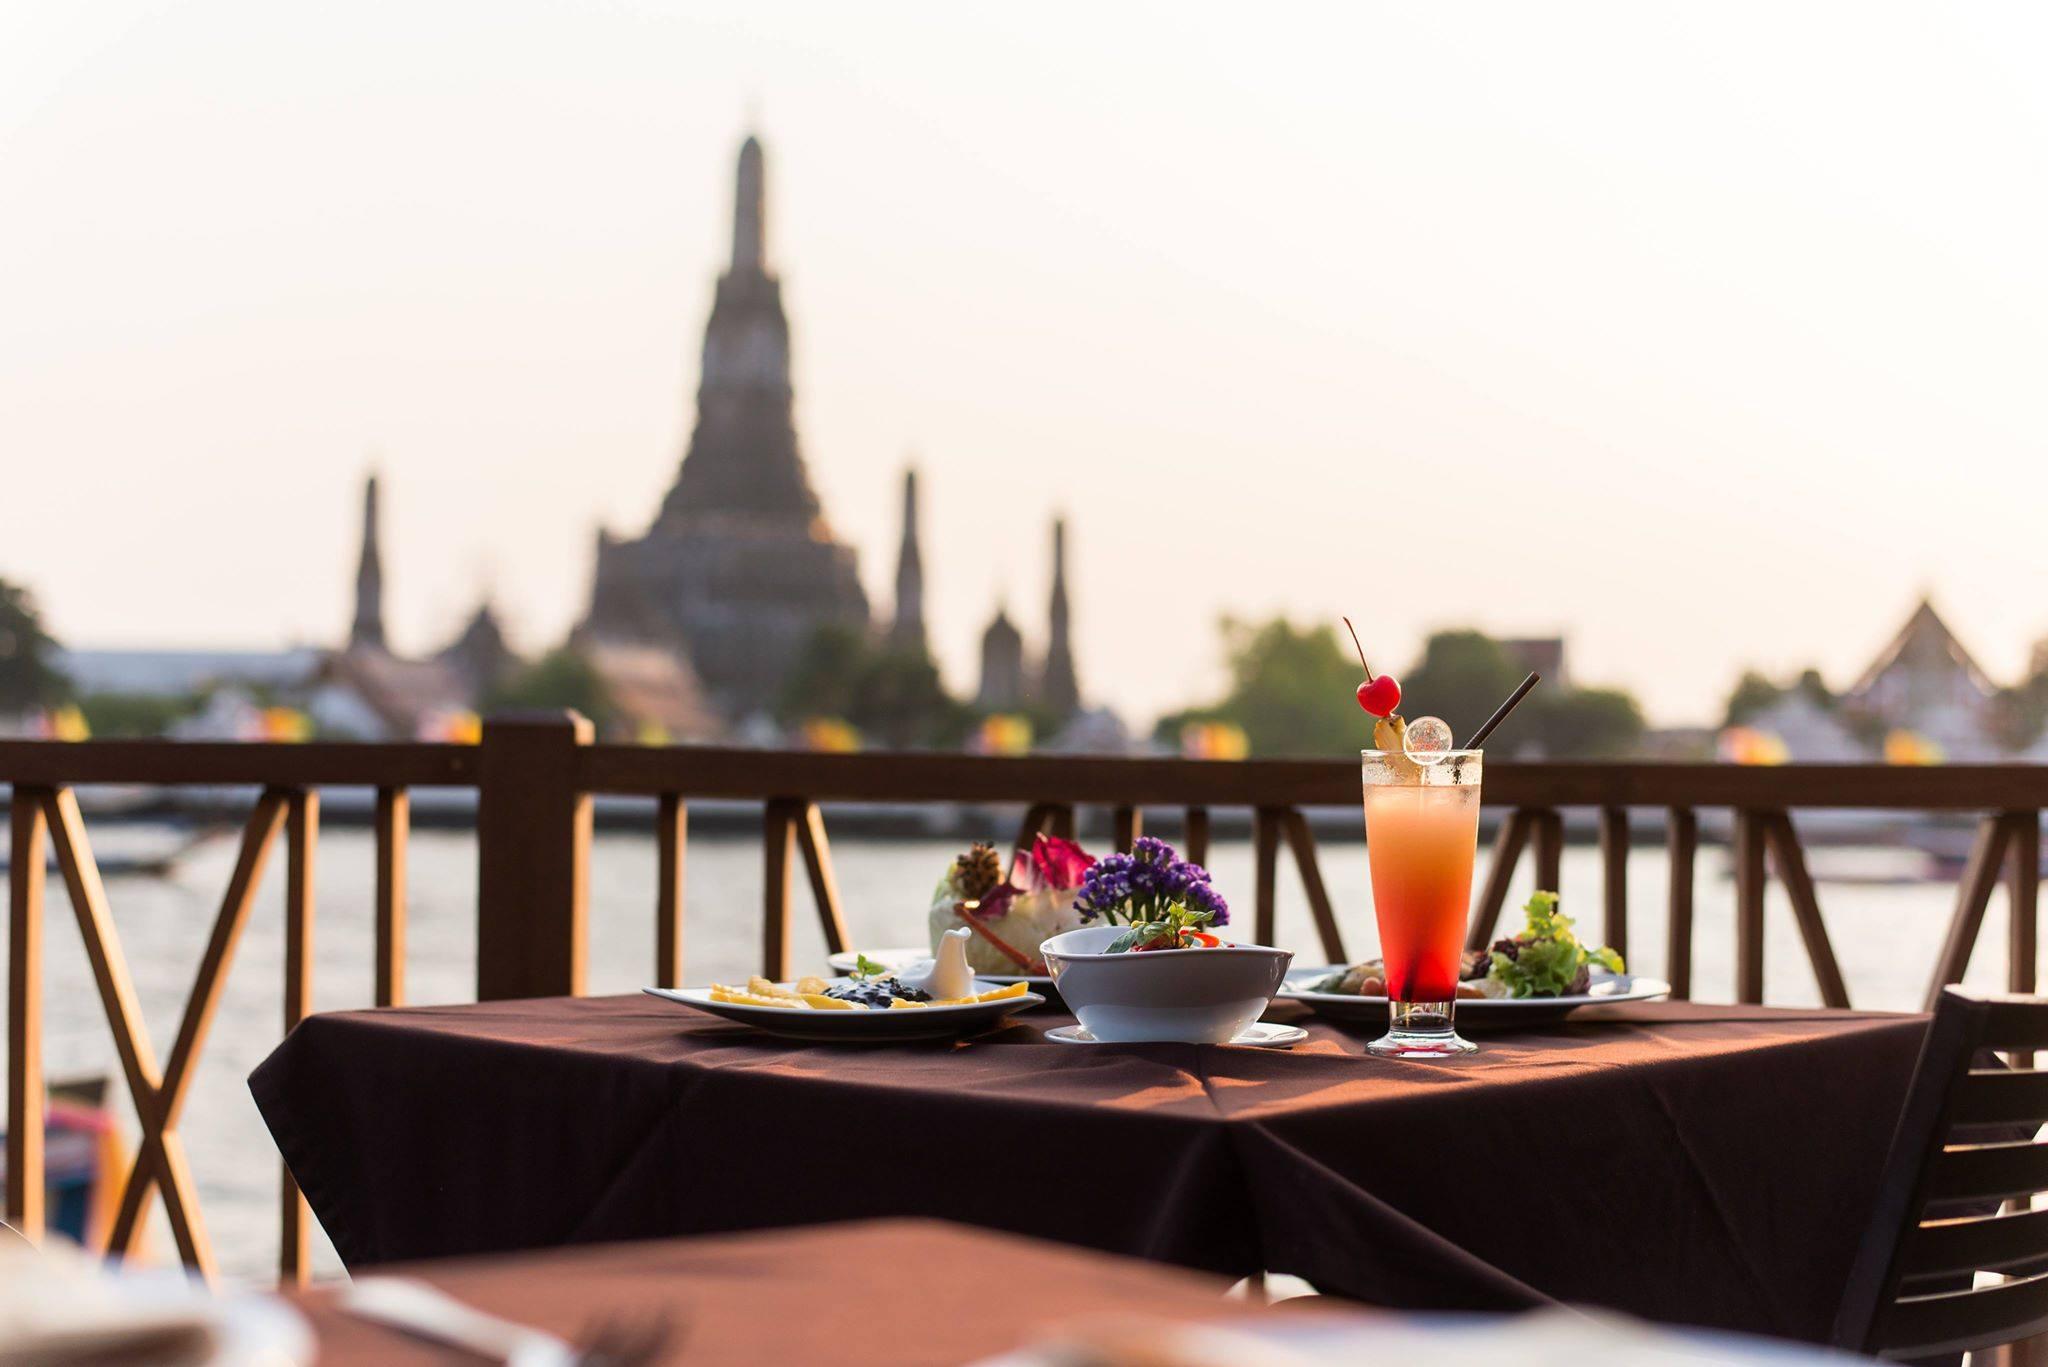 ร้านอาหารไทย ร้านอาหารอร่อย ร้านอาหารใกล้วัดพระแก้ว ร้านอร่อย